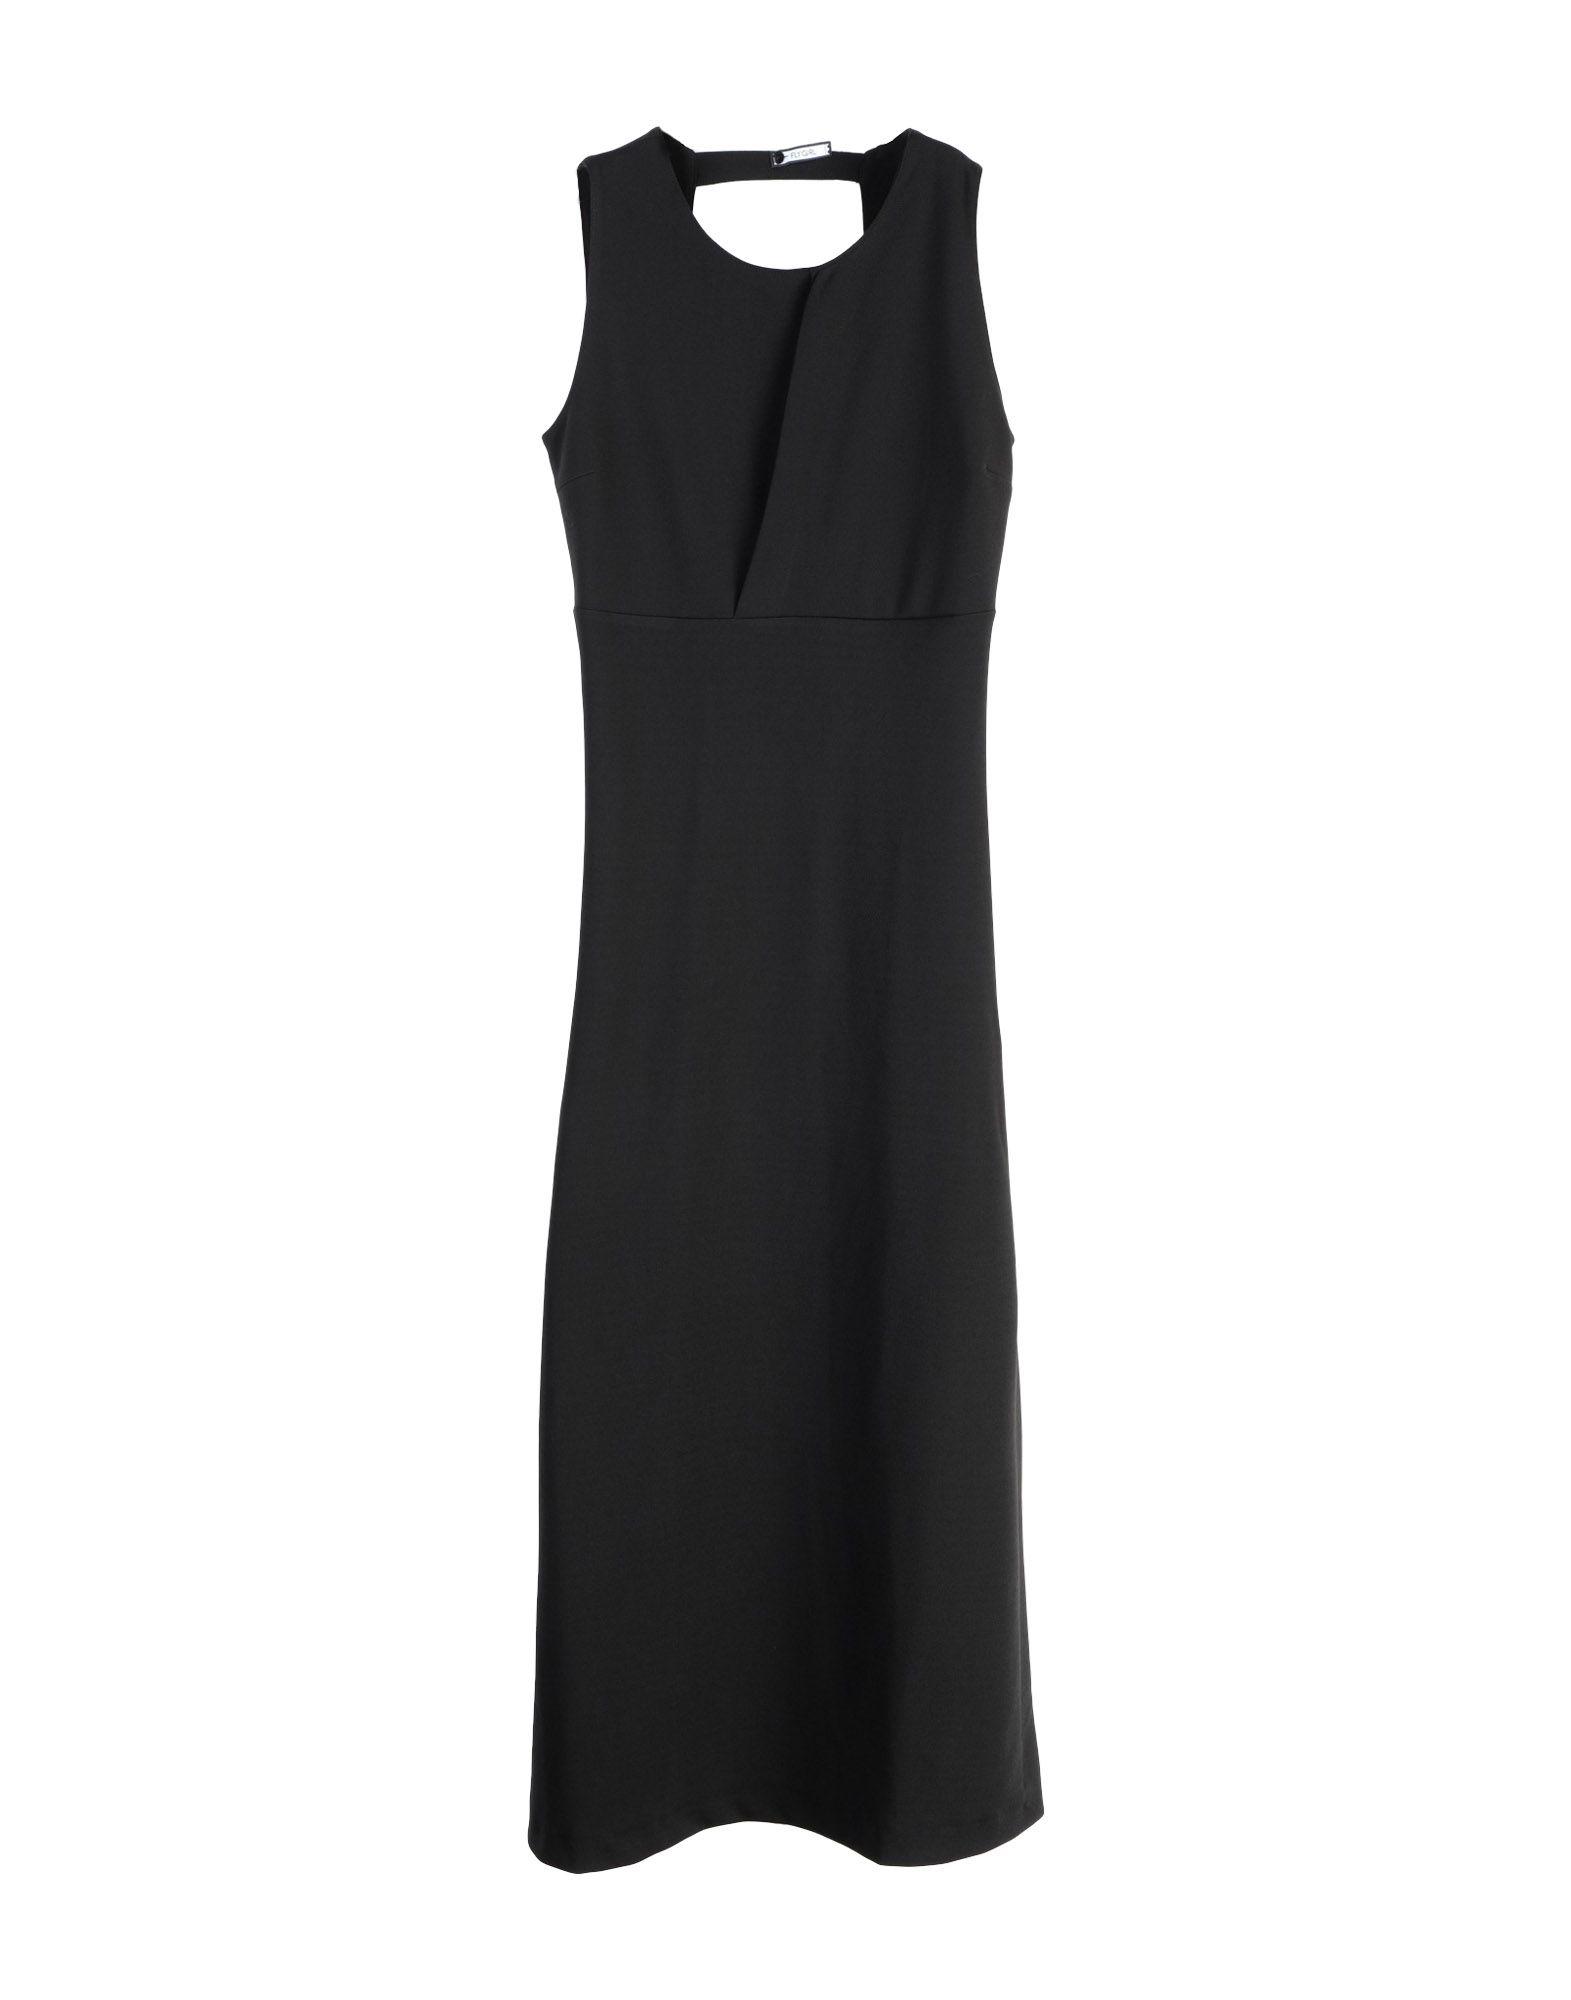 FLY GIRL Длинное платье платье без рукавов printio семейная лодка